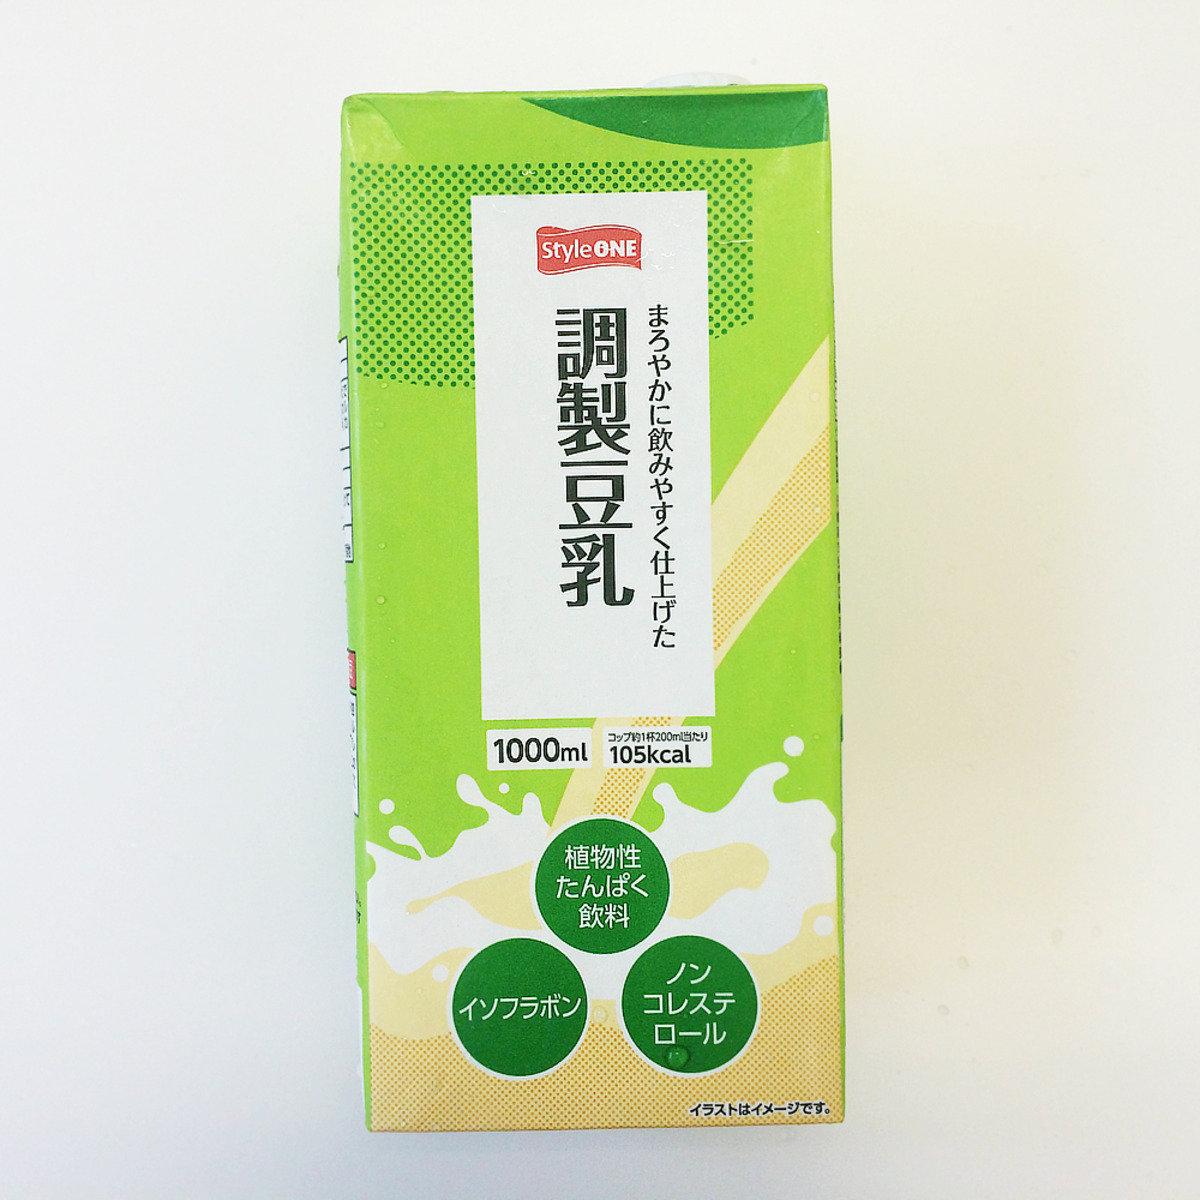 Style One 調整豆乳 1公升